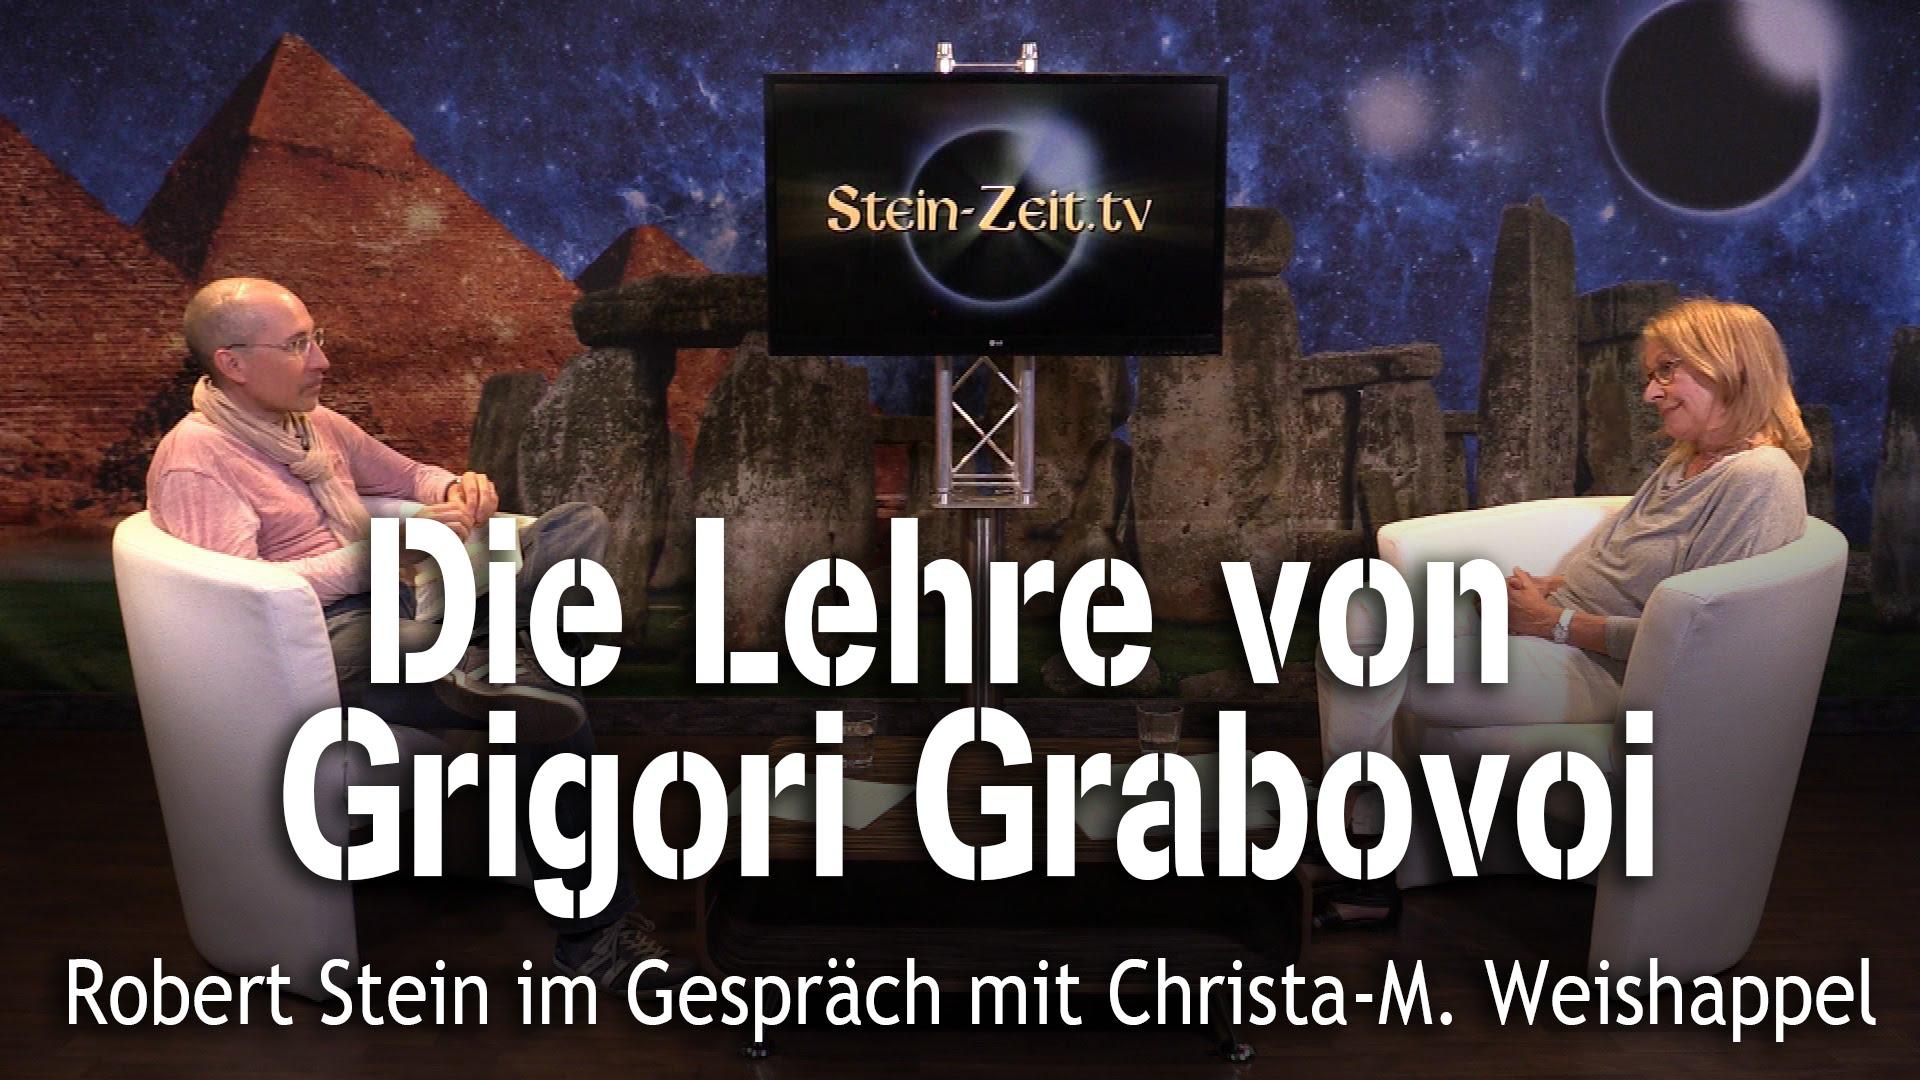 Die Lehre von Grigori Grabovoi – Christa-M. Weishappel bei SteinZeit